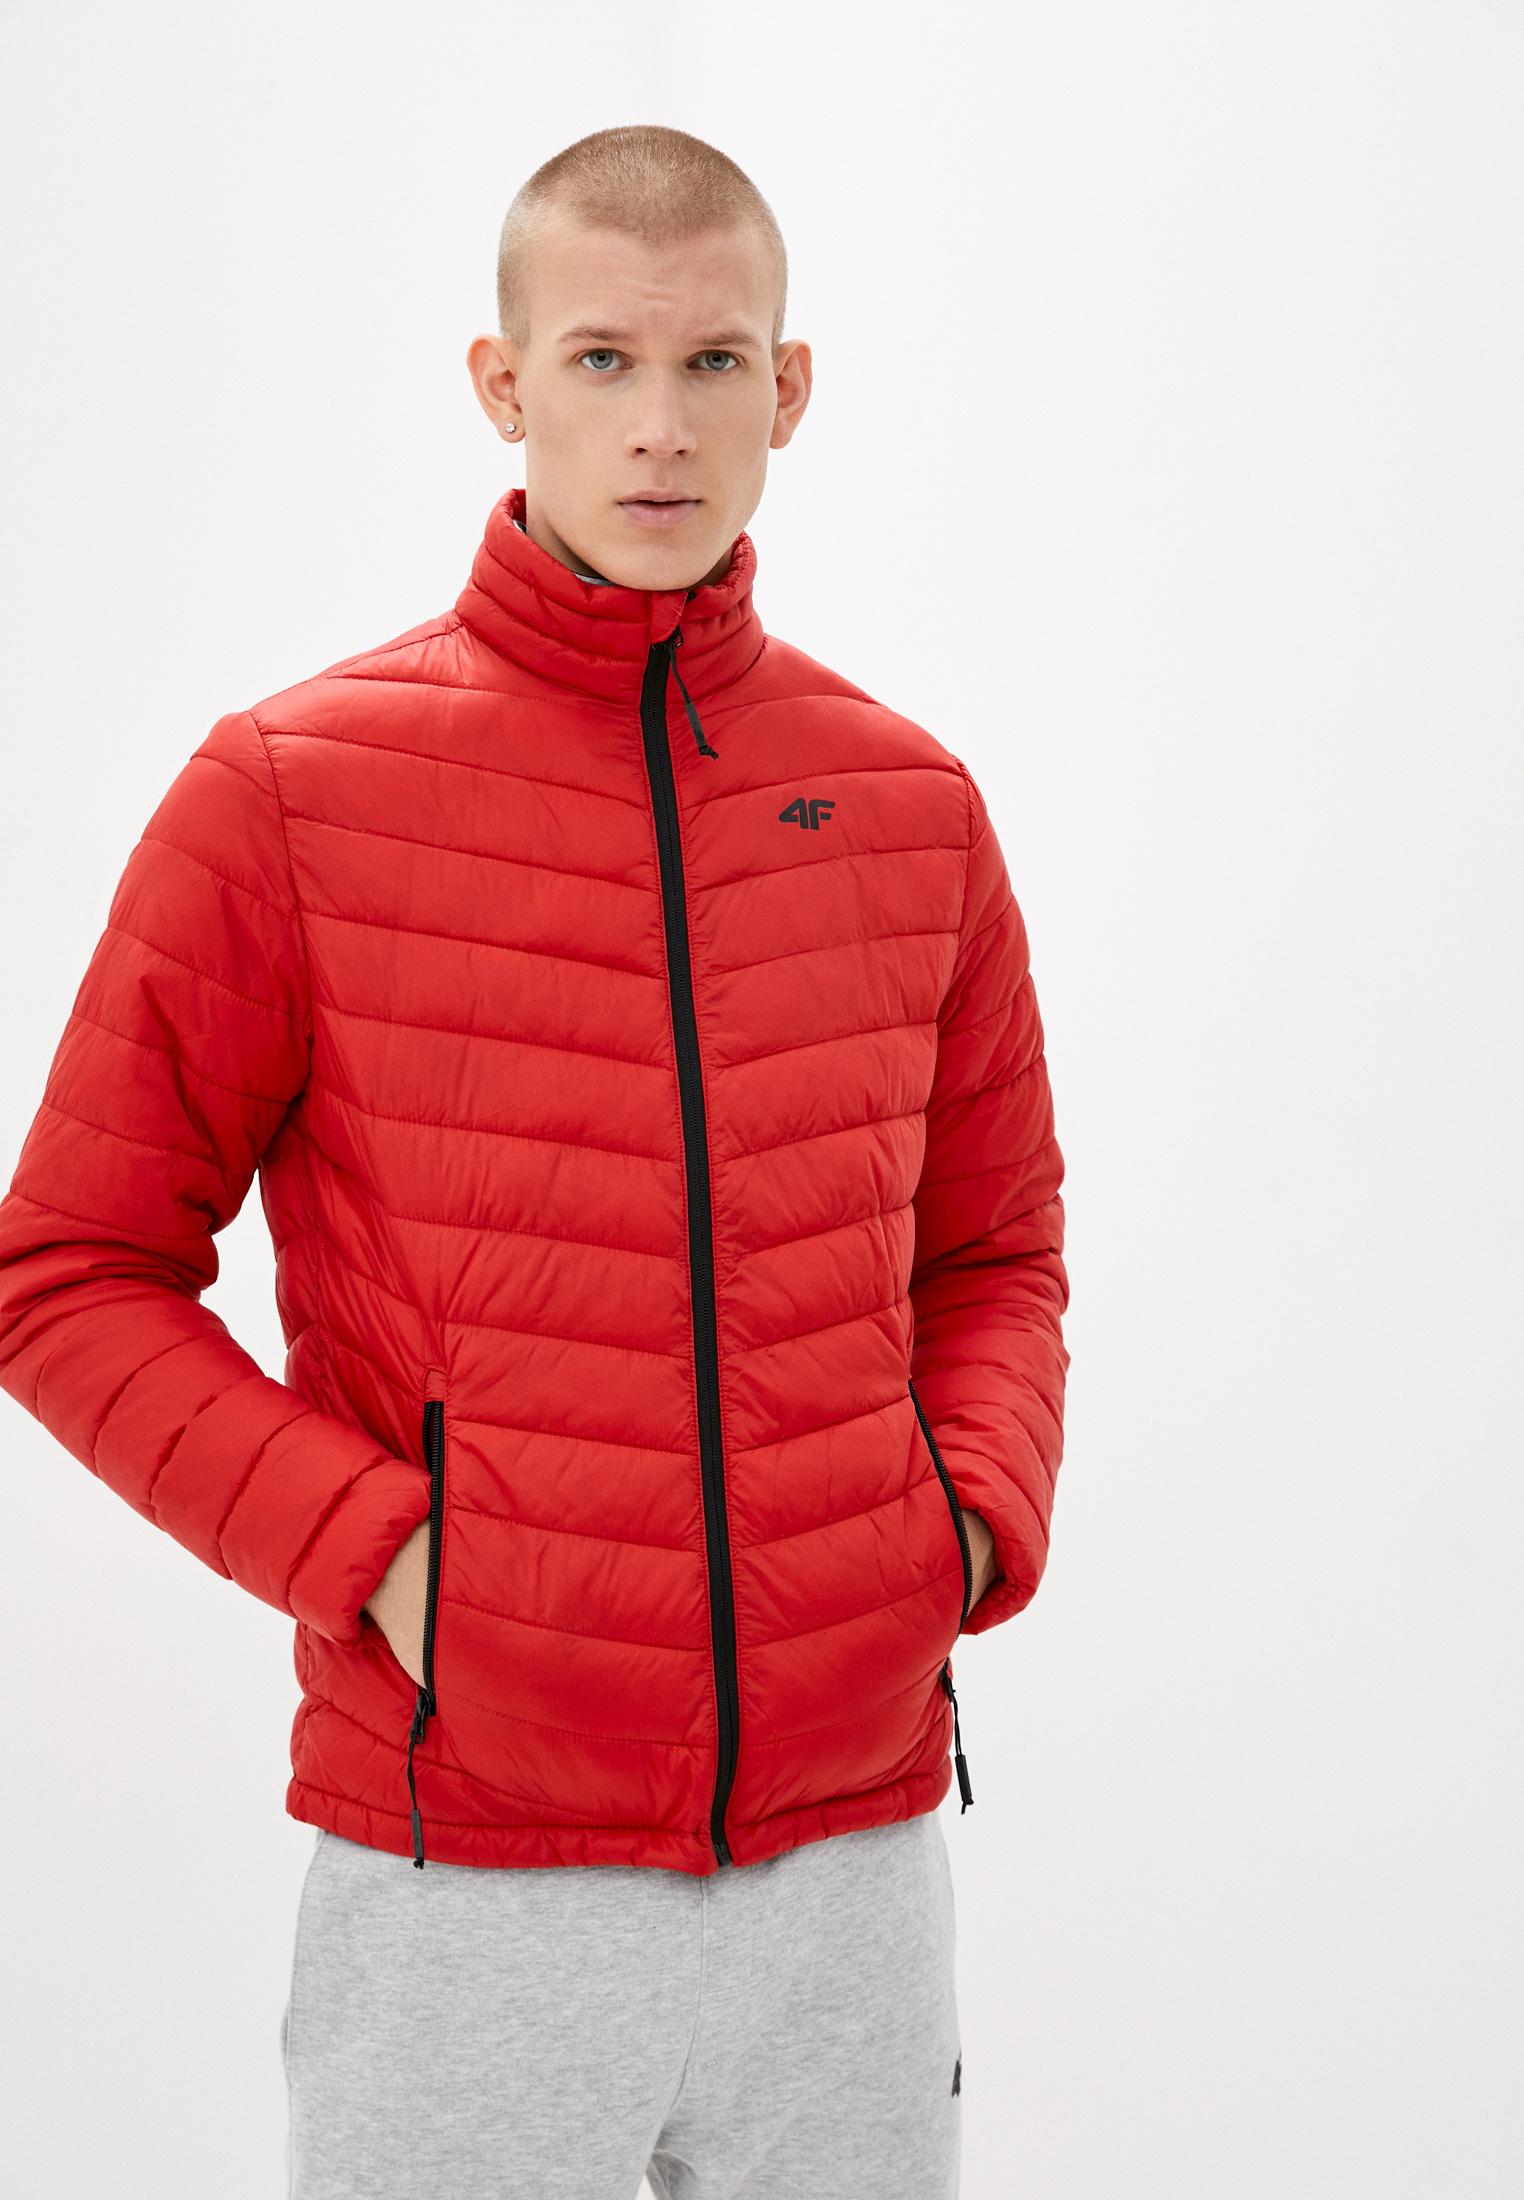 Мужская верхняя одежда 4F (4Ф) H4Z20-KUMP003: изображение 1